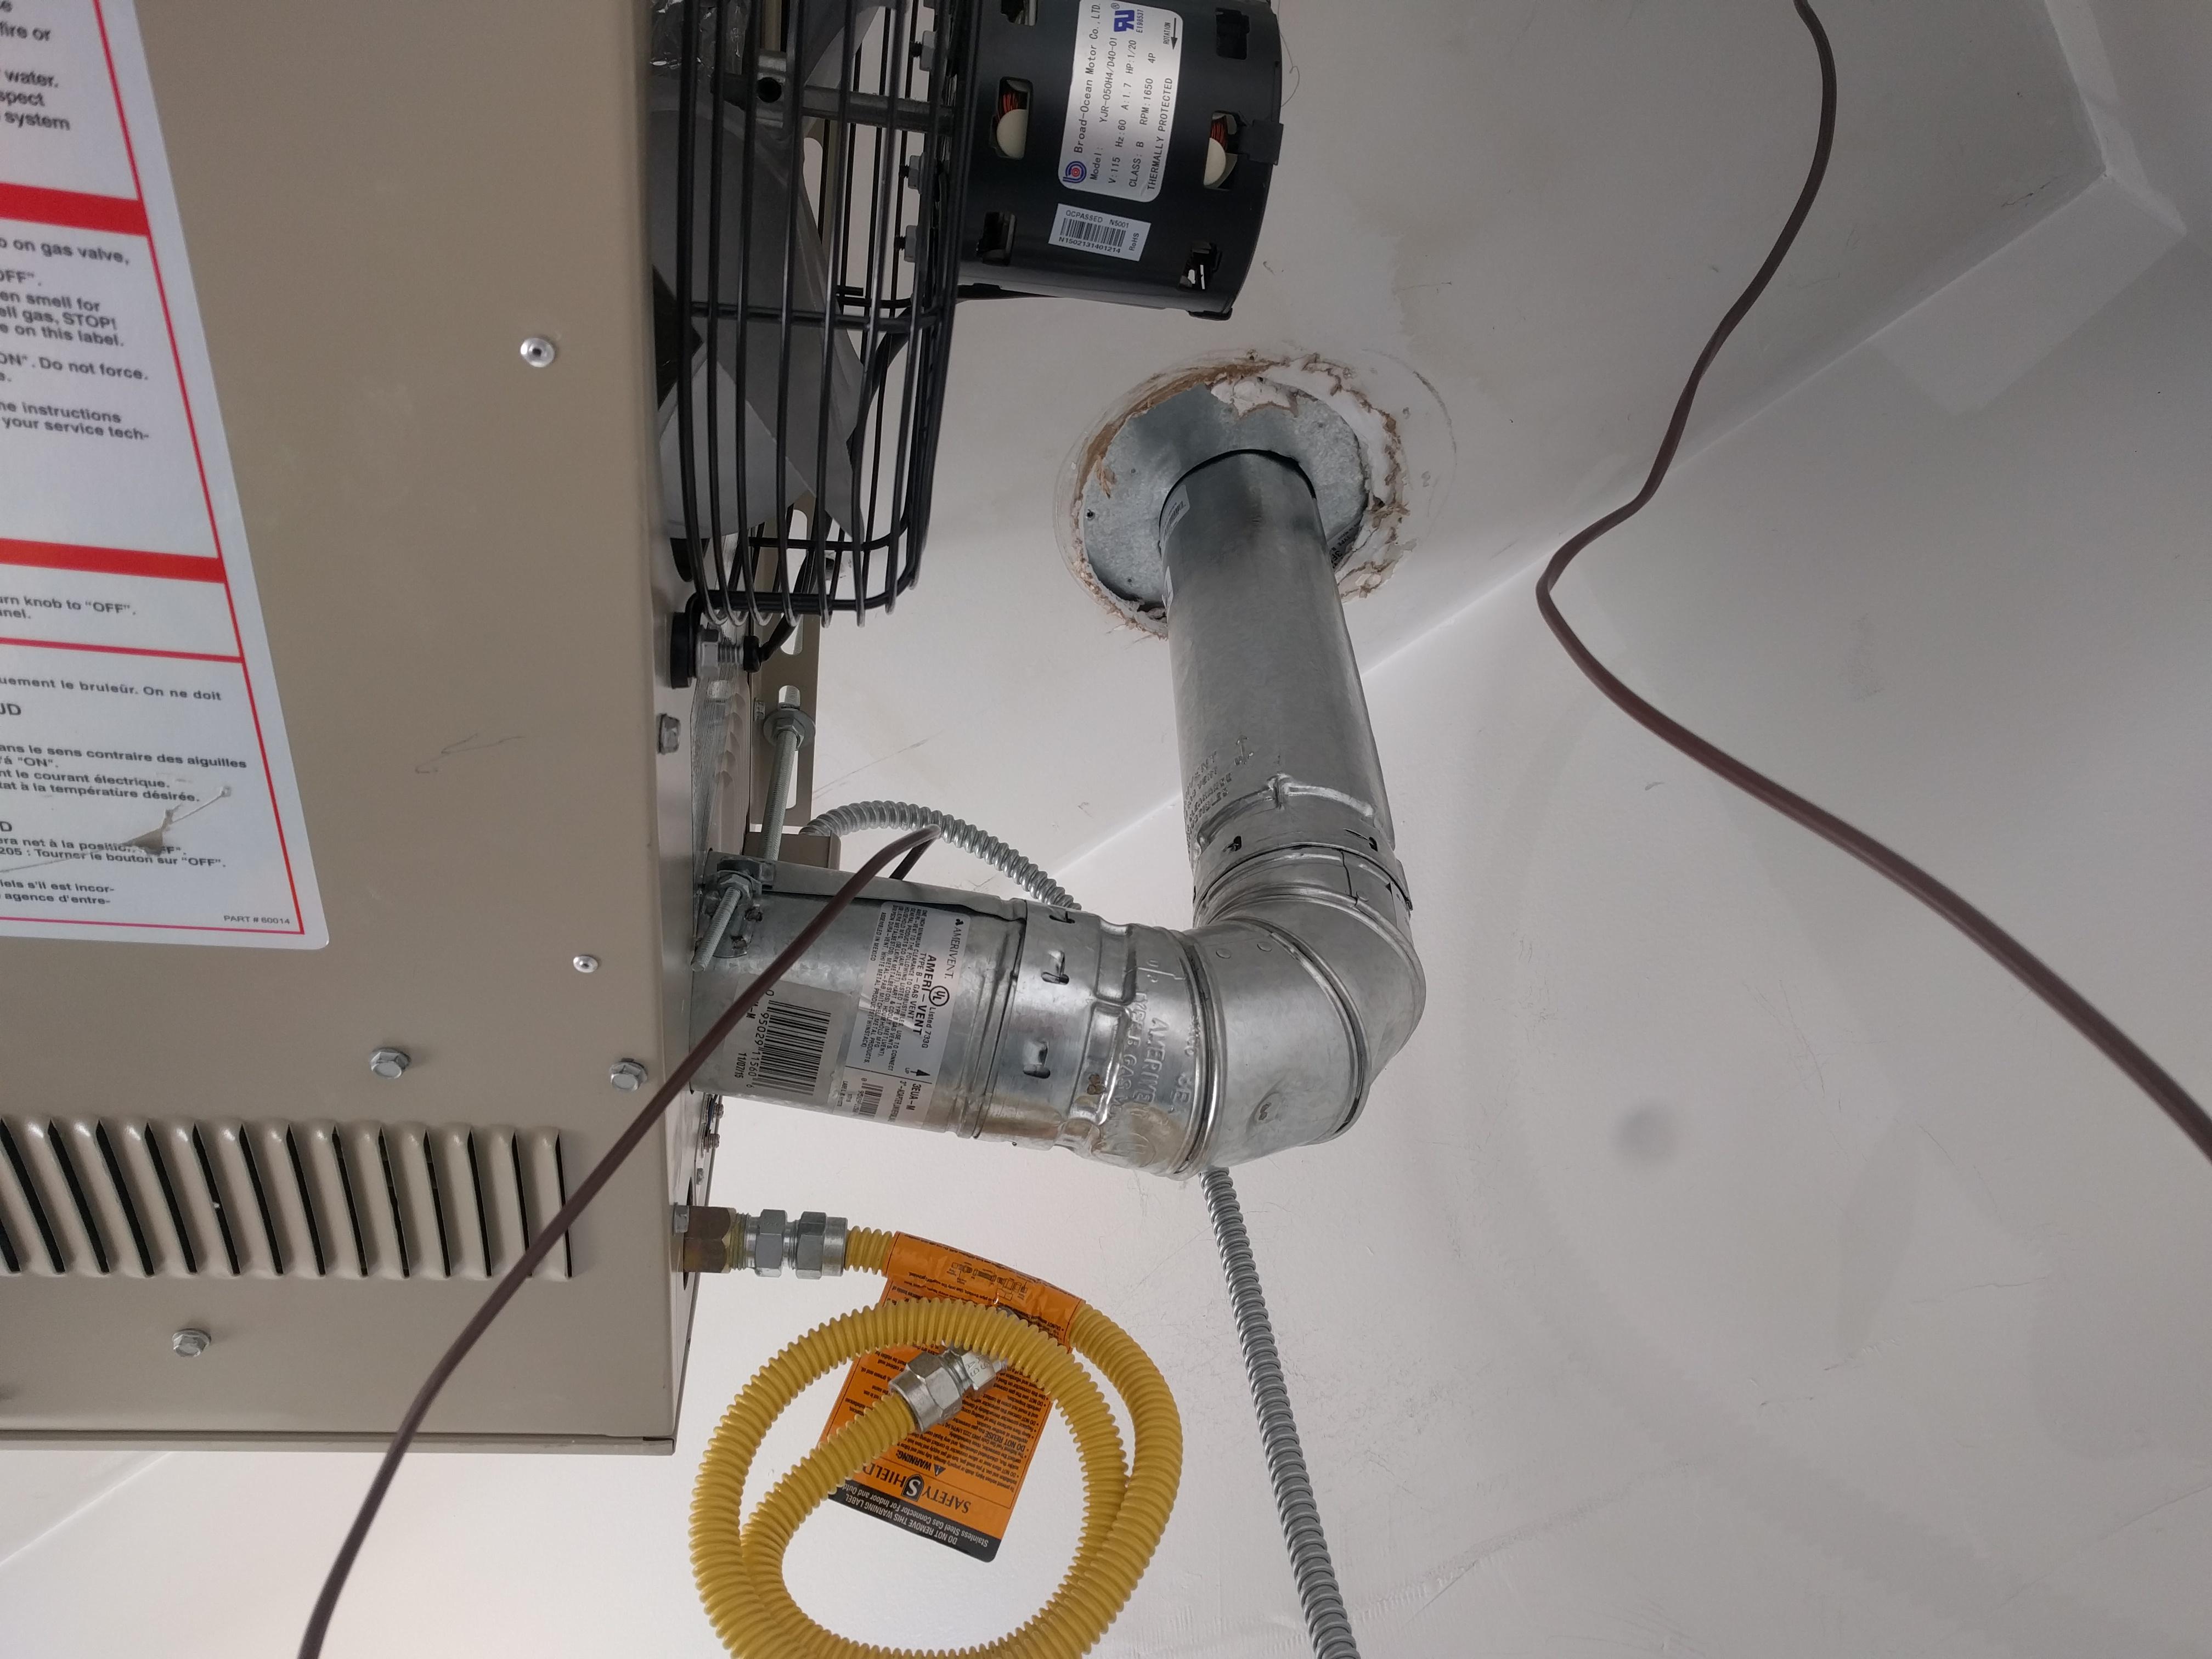 mr heater thermostat wiring diagram well pump voltage gas best site